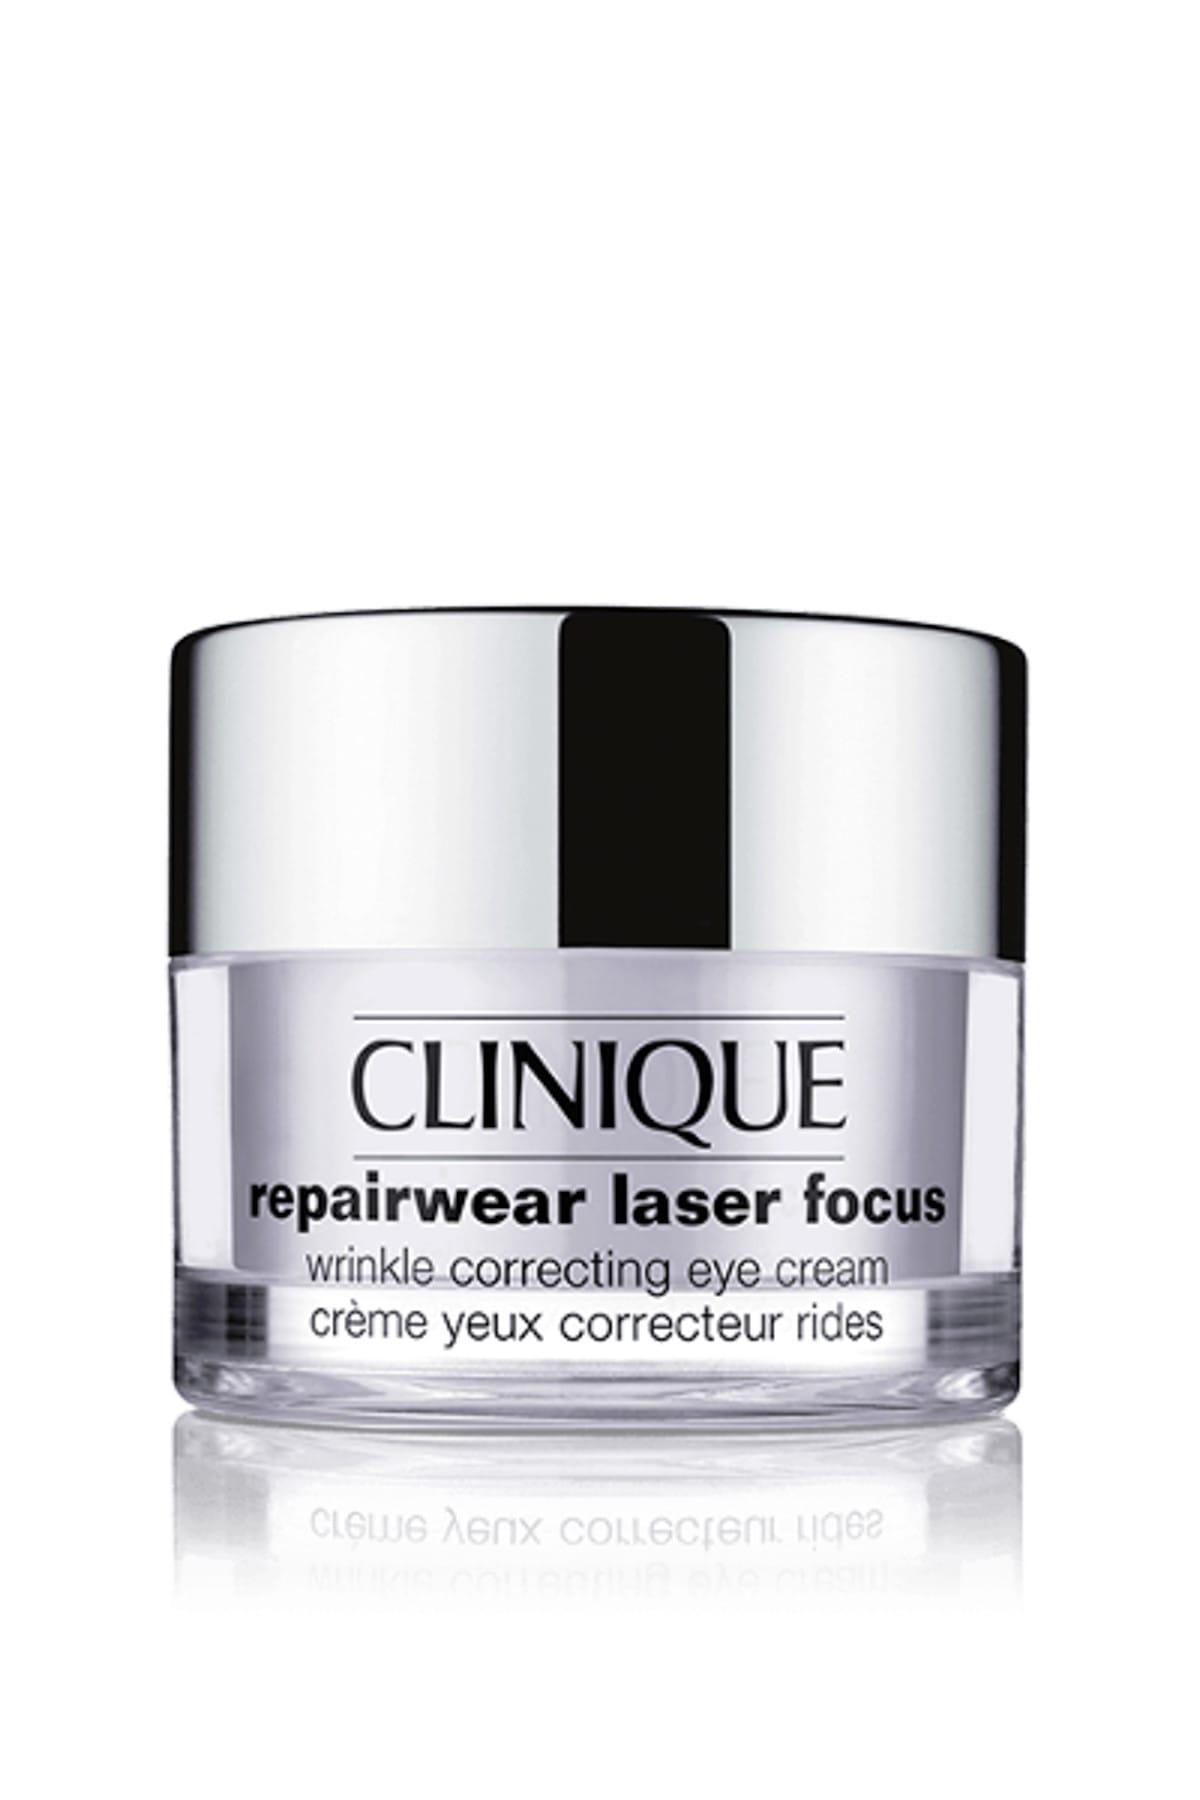 Göz Çevresi Bakım Kremi - Repairwear Laser Focus Eye Cream 15 ml 020714777647